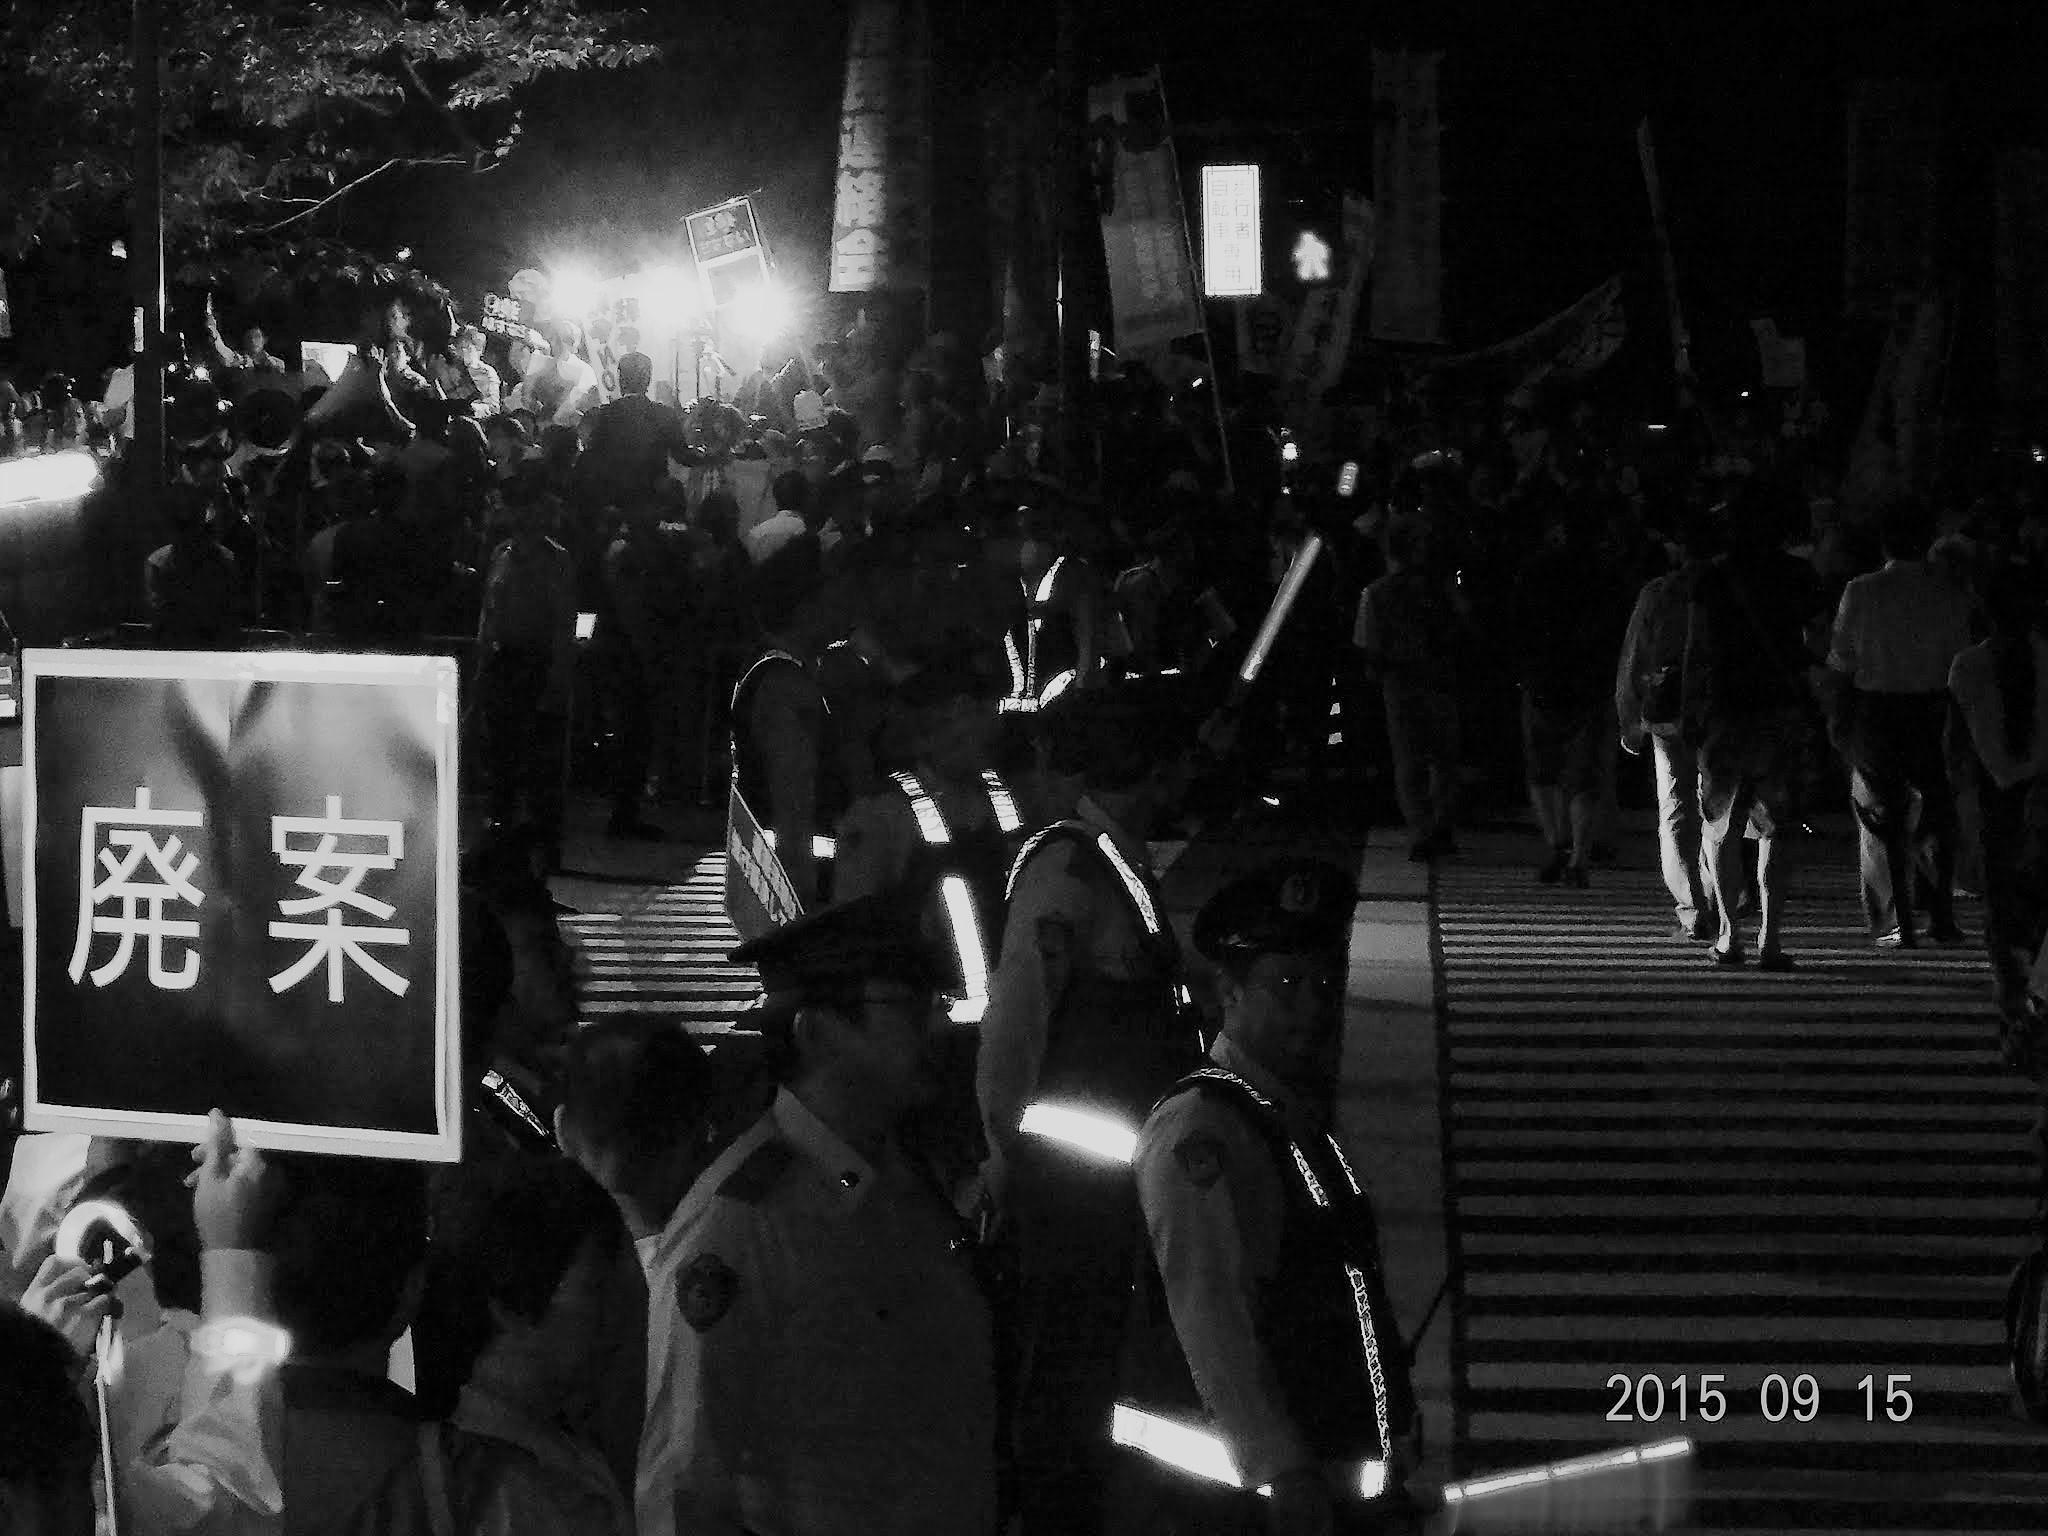 2015年09月15日 国会正門前